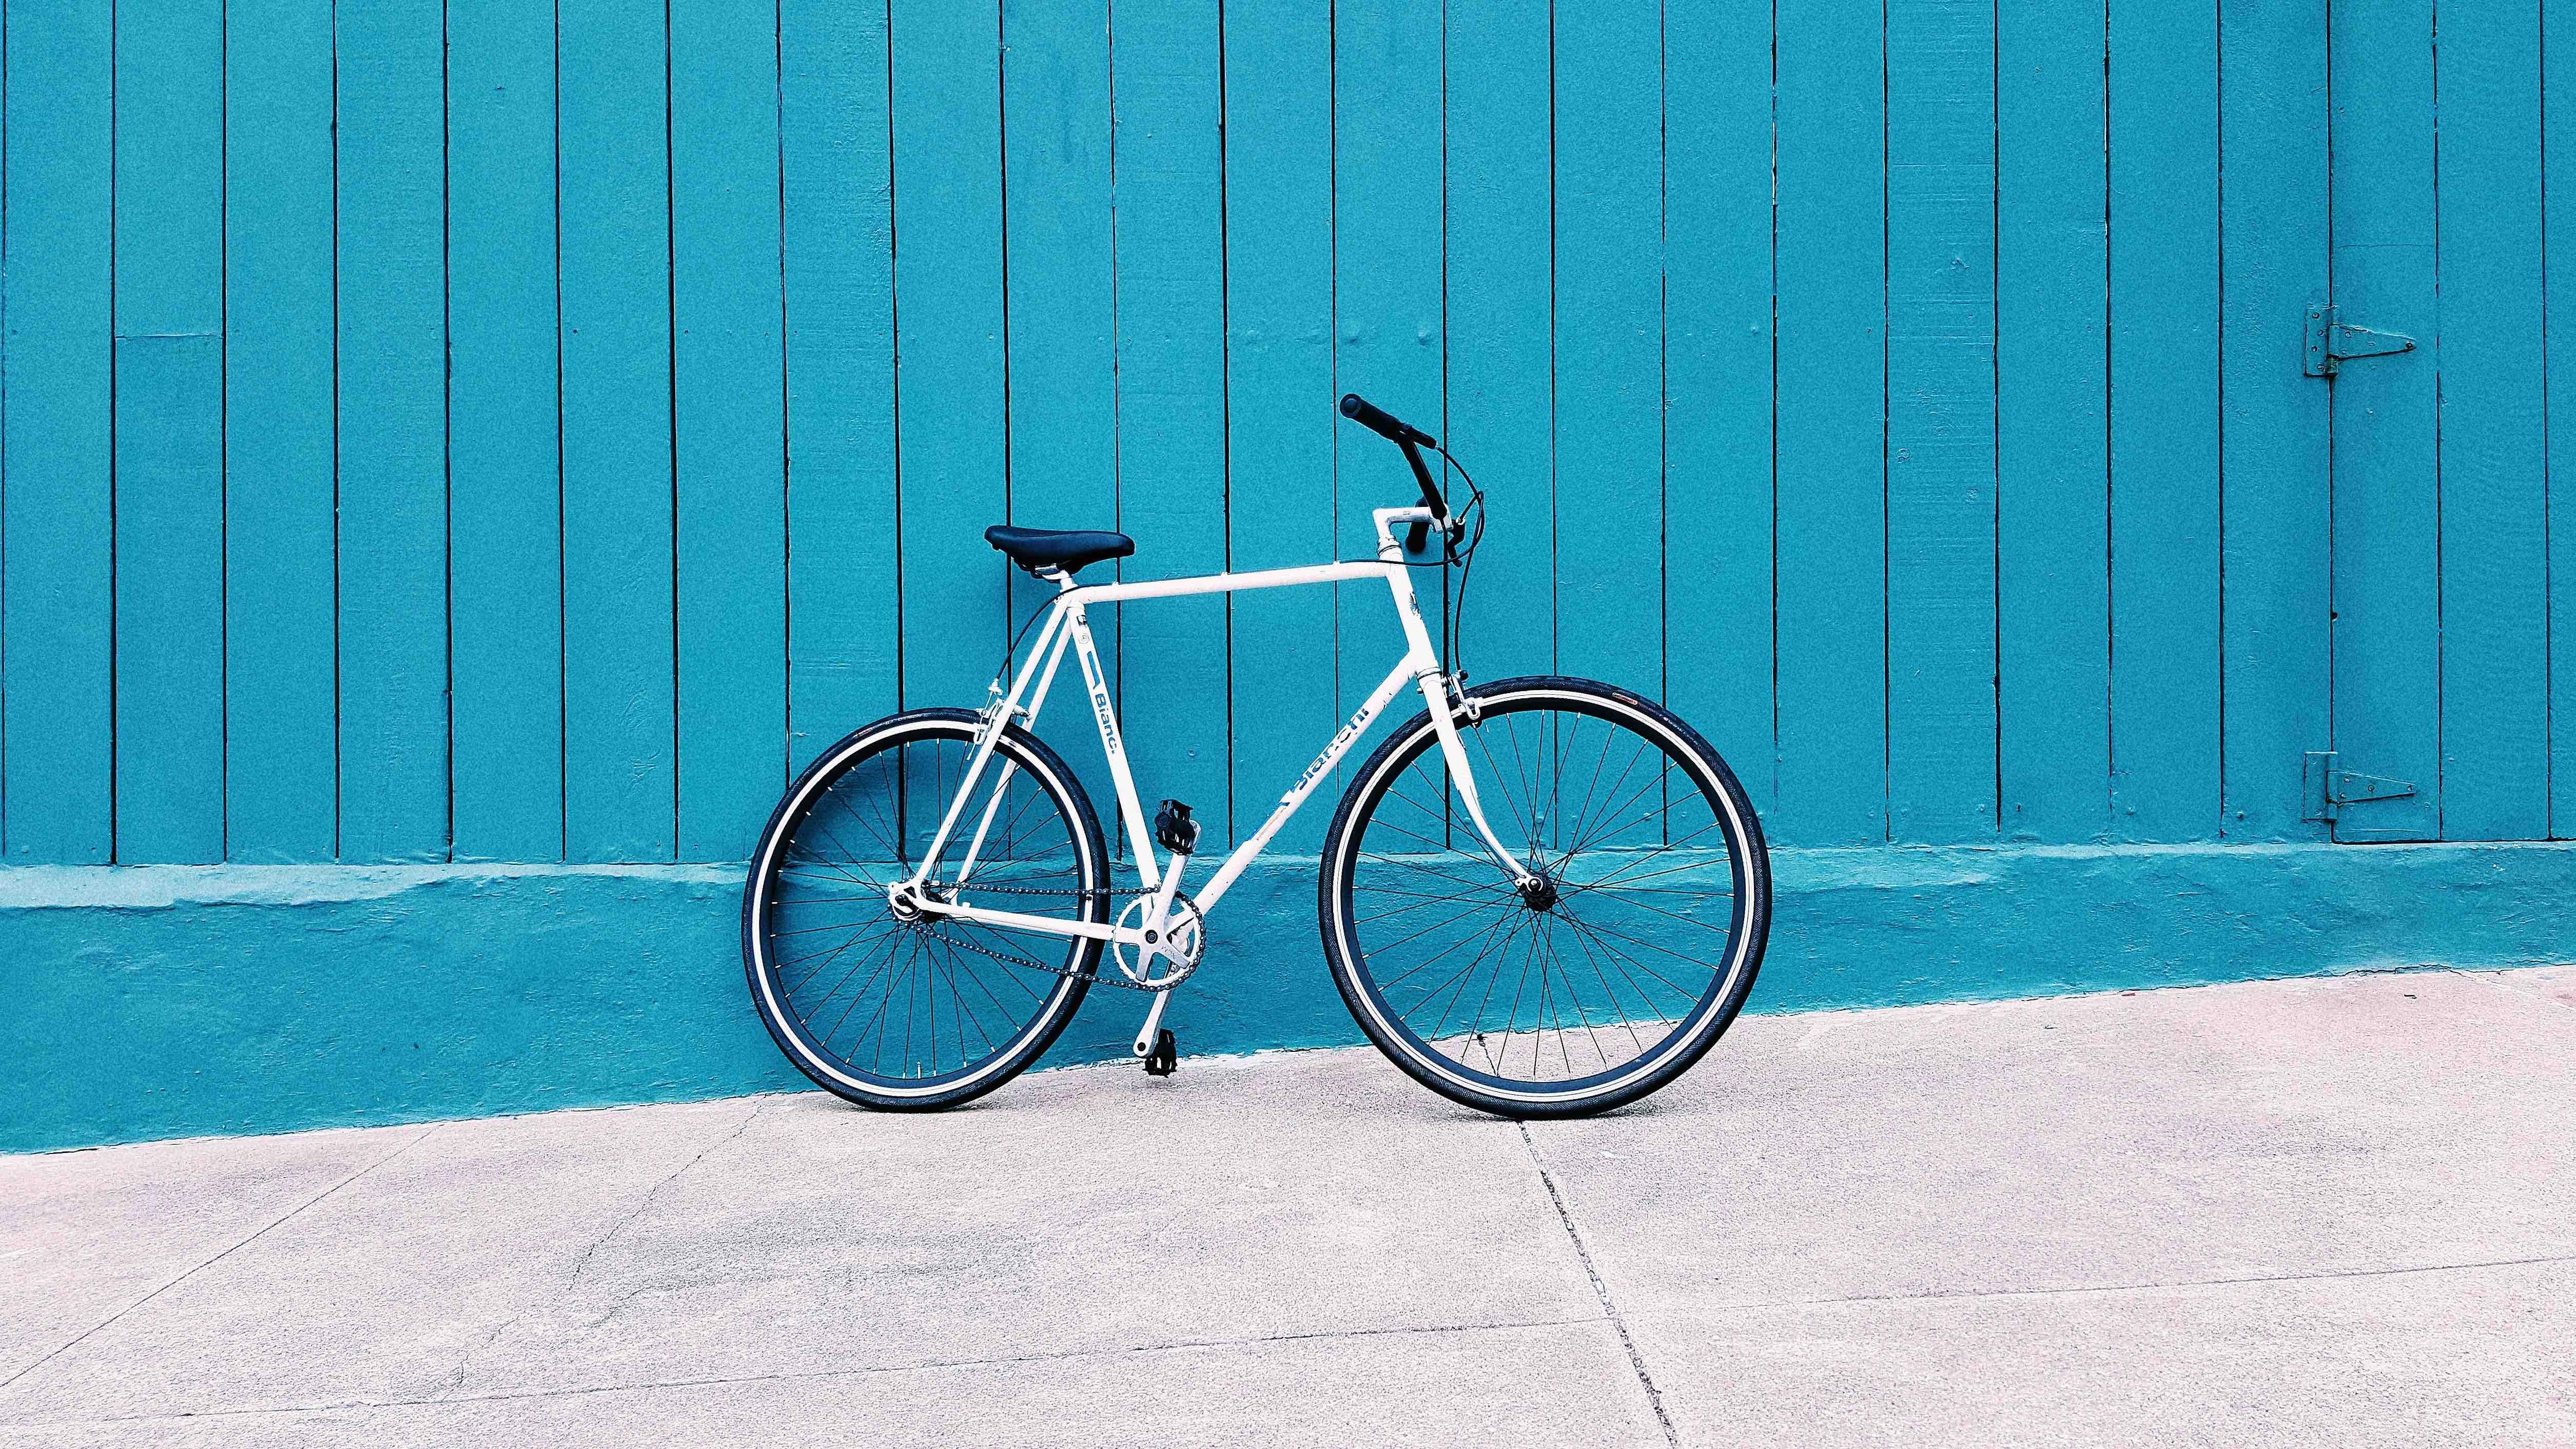 Cómo embalar bien una bicicleta antes de viajar en avión